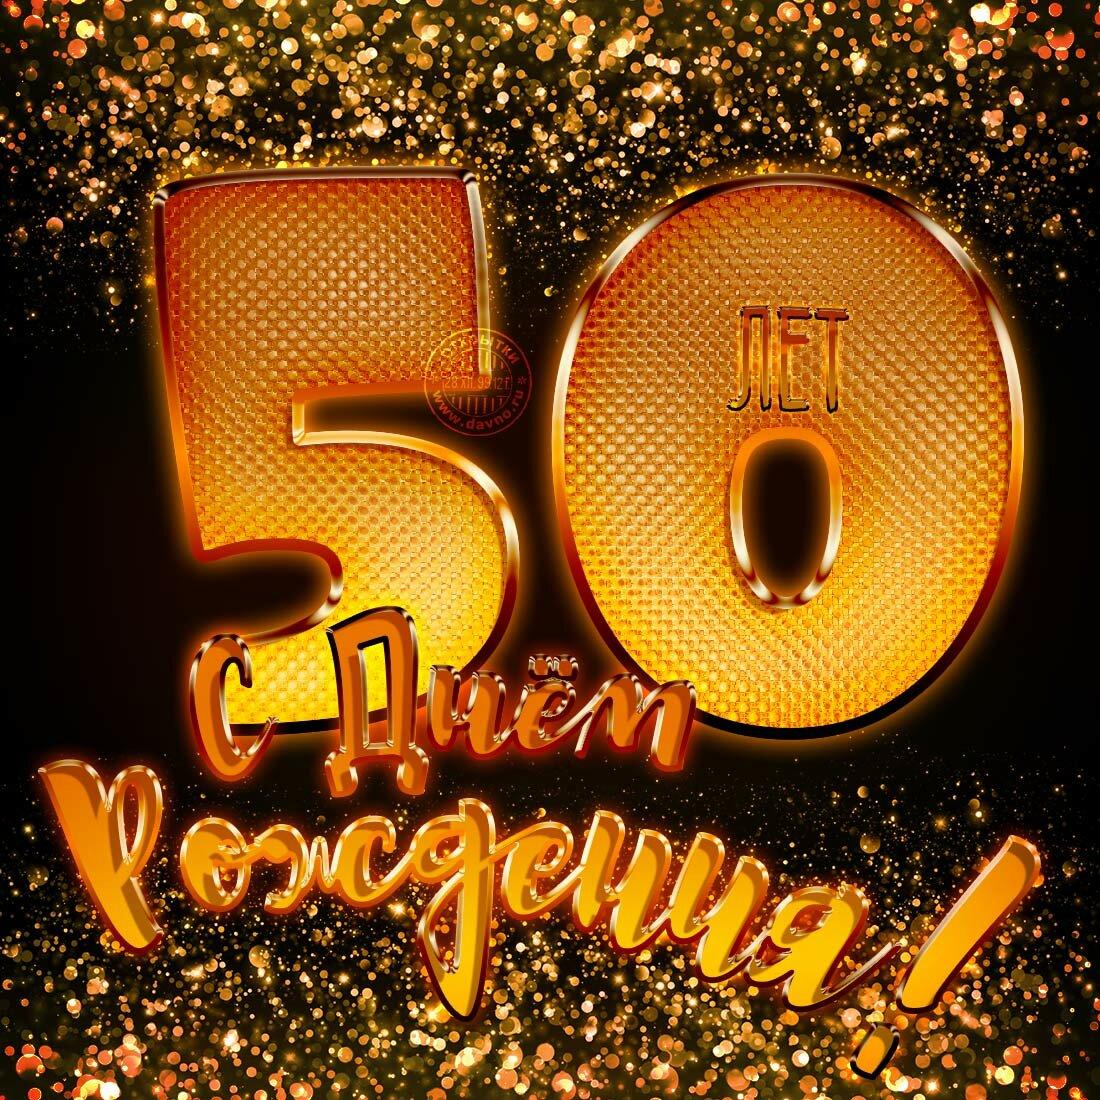 Поздравление на 50 лет александру